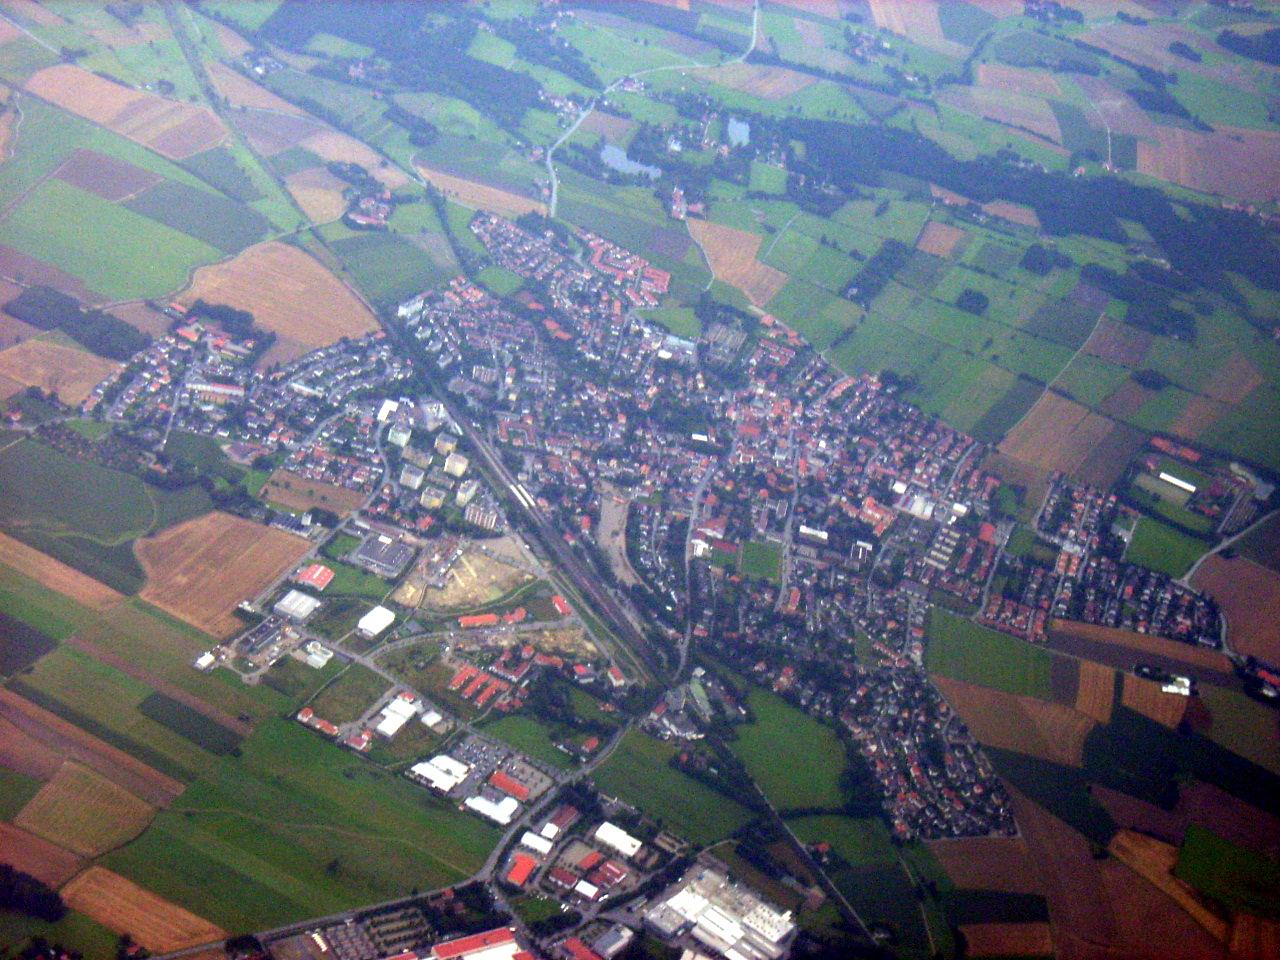 File:Markt Schwaben, Luftaufnahme von Westen 1.jpeg